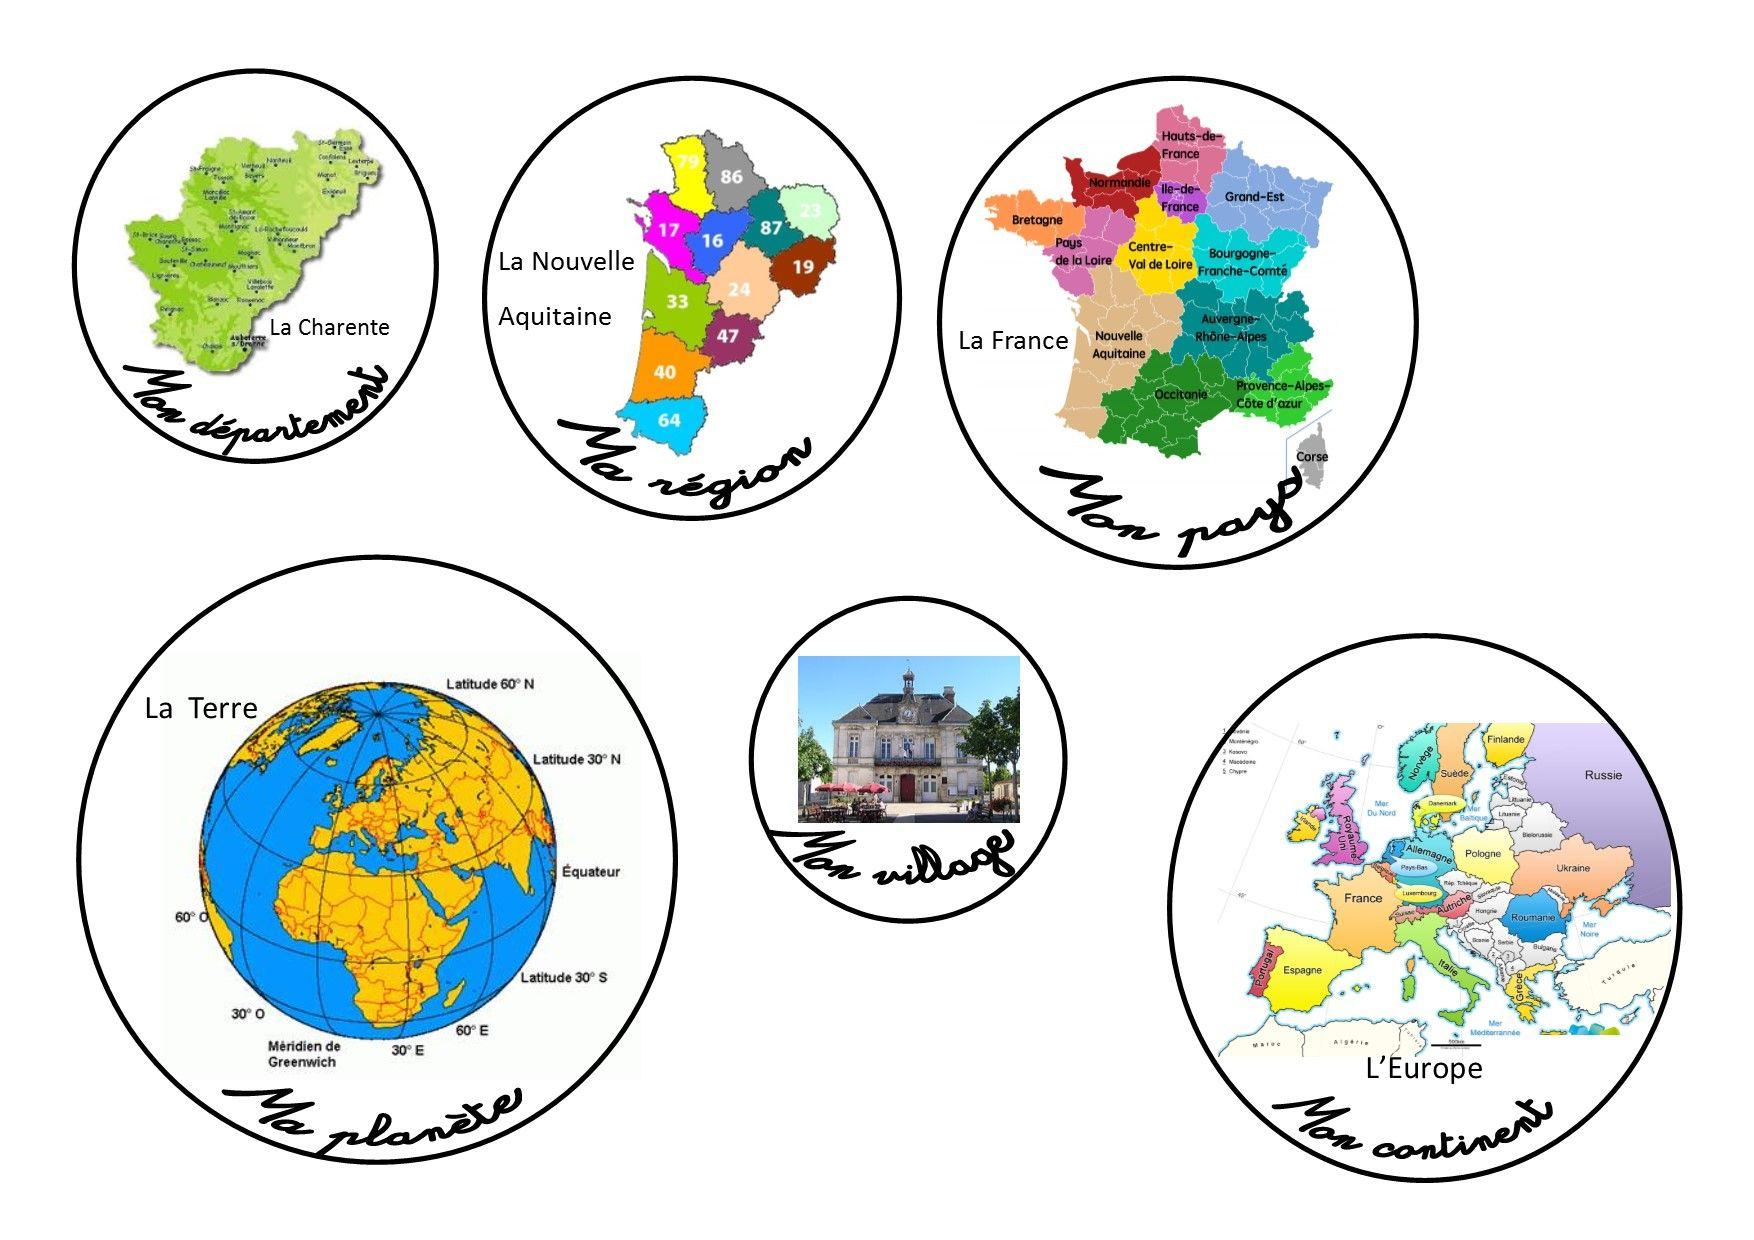 Livret Pour Structurer L'espace | Géographie, Ce2 Cm1 Et Ce1 intérieur Le Découpage Administratif De La France Ce2